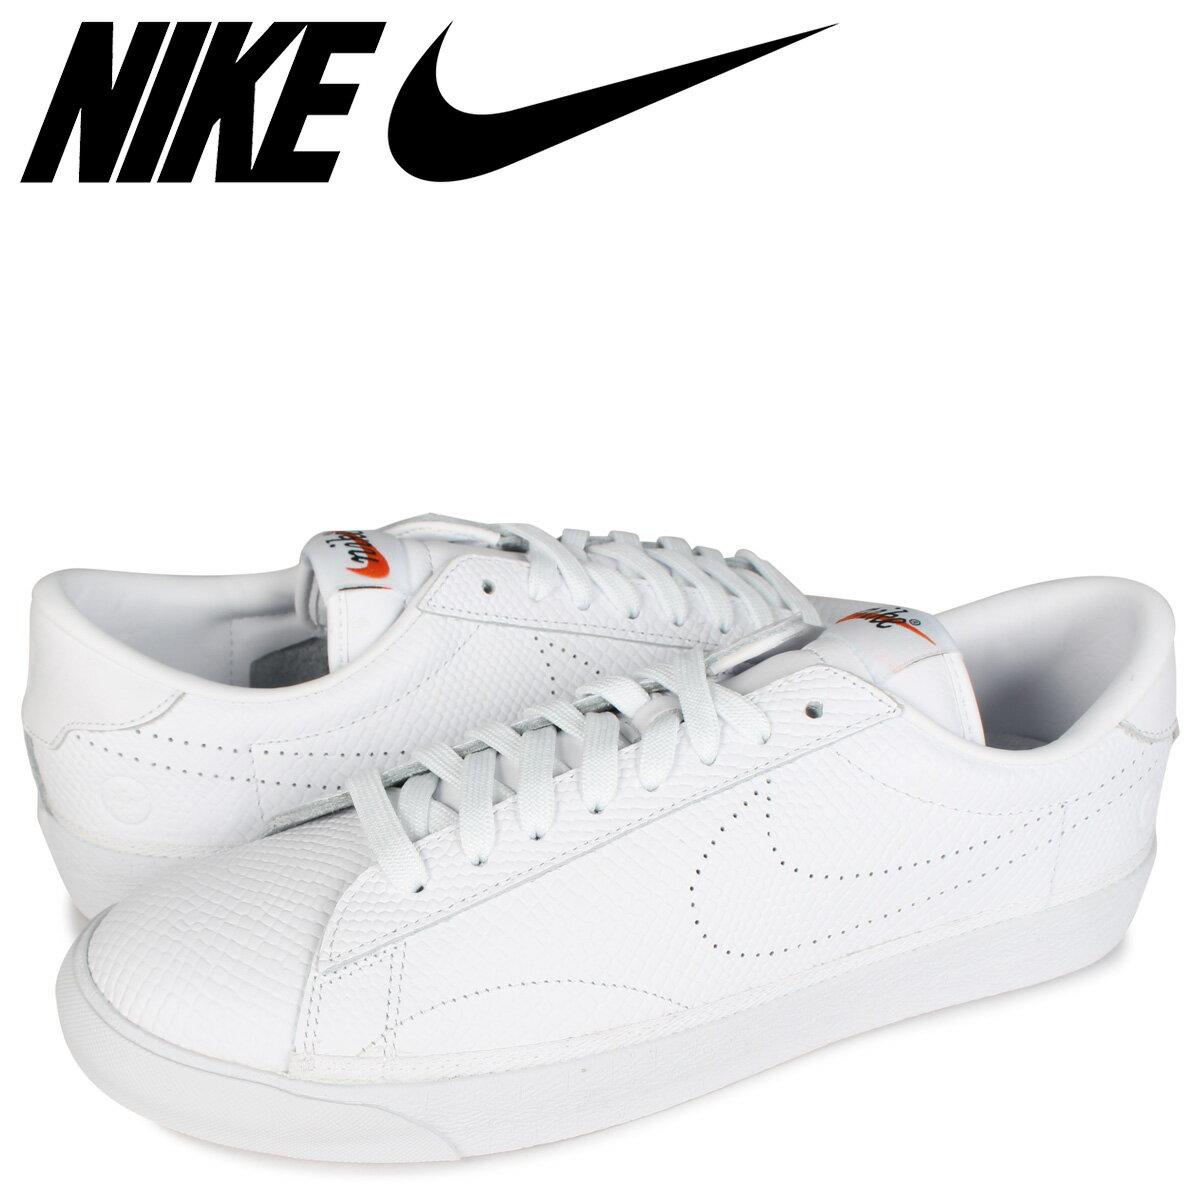 メンズ靴, スニーカー 2000OFF NIKE AIR ZOOM TENNIS CLASSIC AC FRAGMENT 857953-111